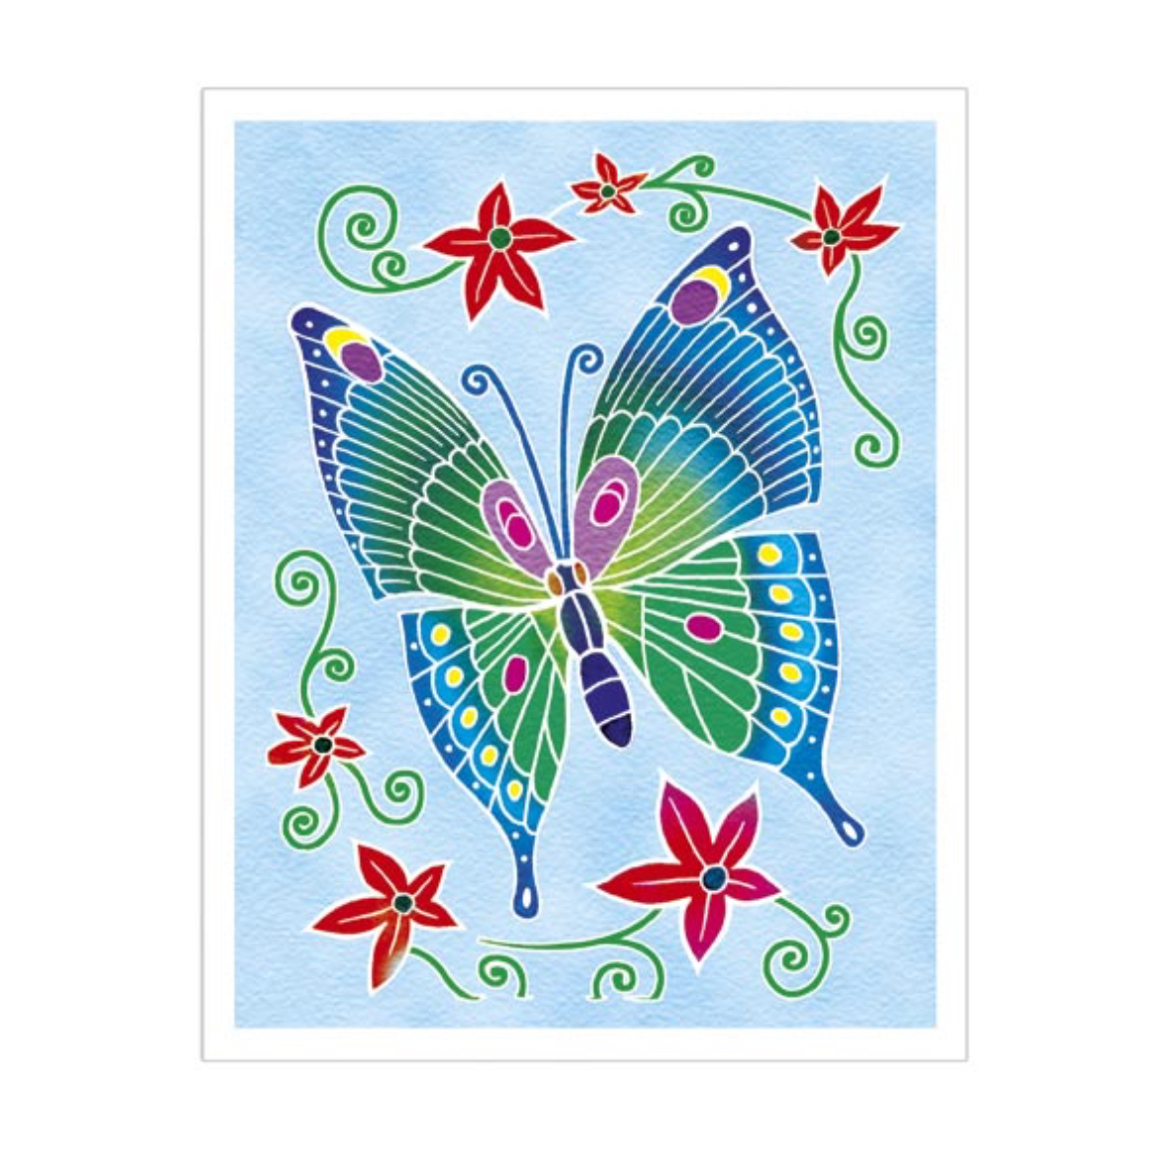 aquarellum-mini-mariposas-de-sentosphe-e-en-el-mundo-de-mico-2